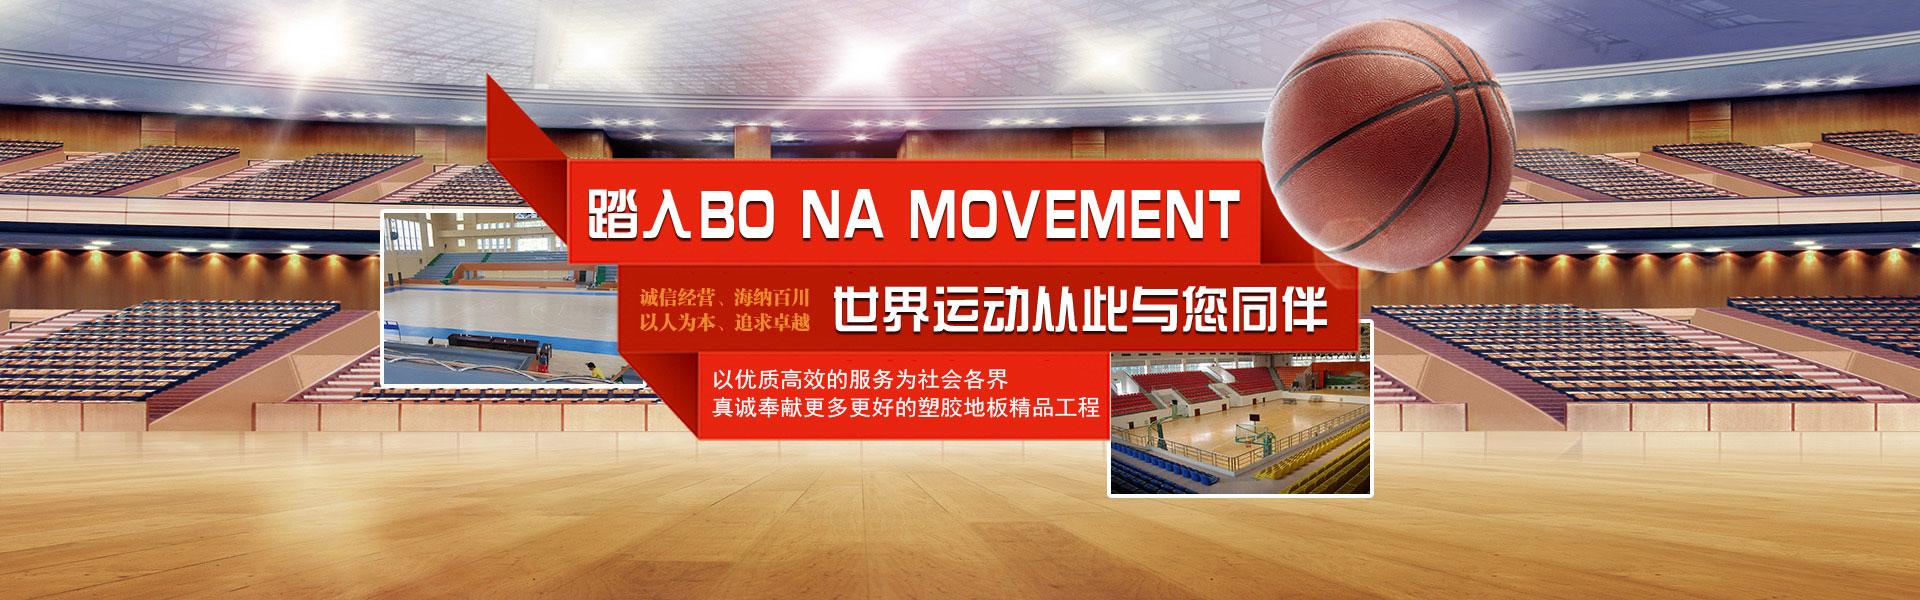 体育运动木地板